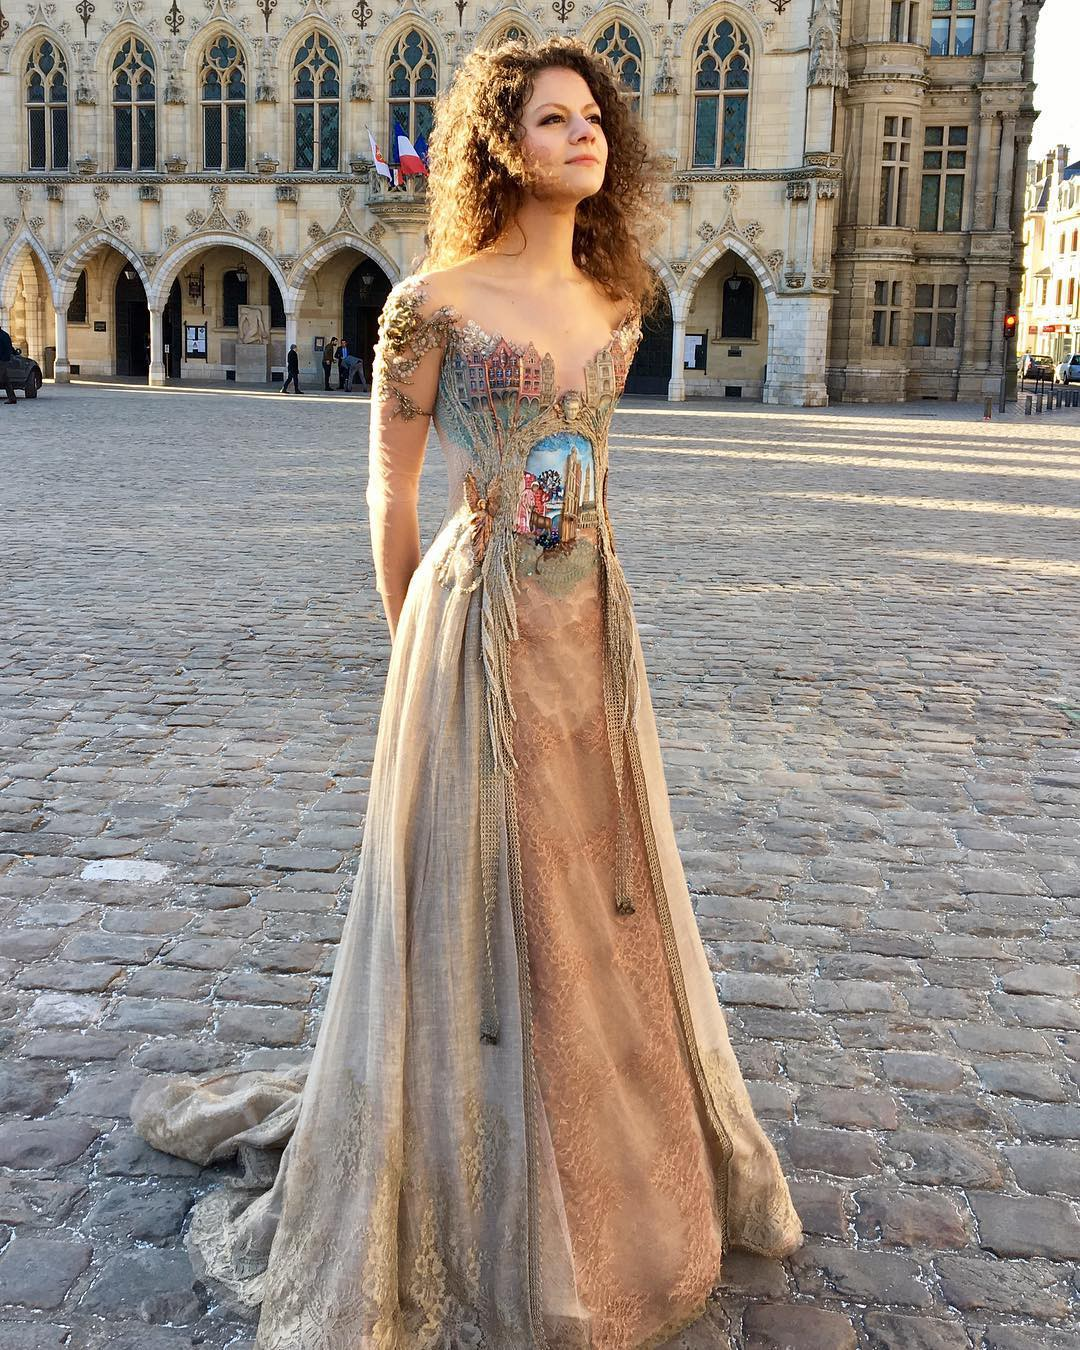 Chiêm ngưỡng những bộ váy dạ hội lồng lộn được tạo nên từ nguyên liệu tái chế - Ảnh 3.